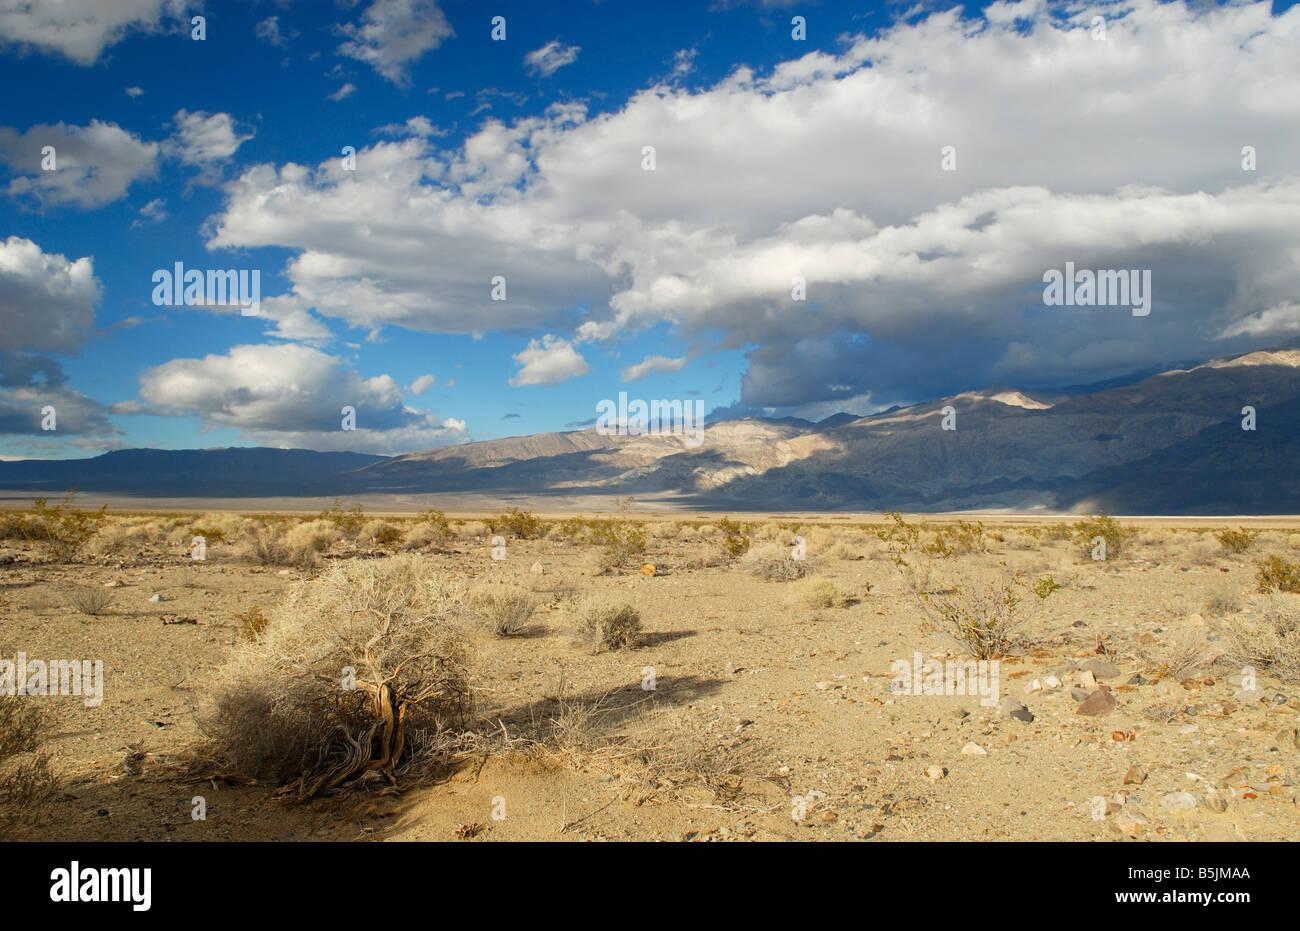 Mojave Desert in California - Stock Image